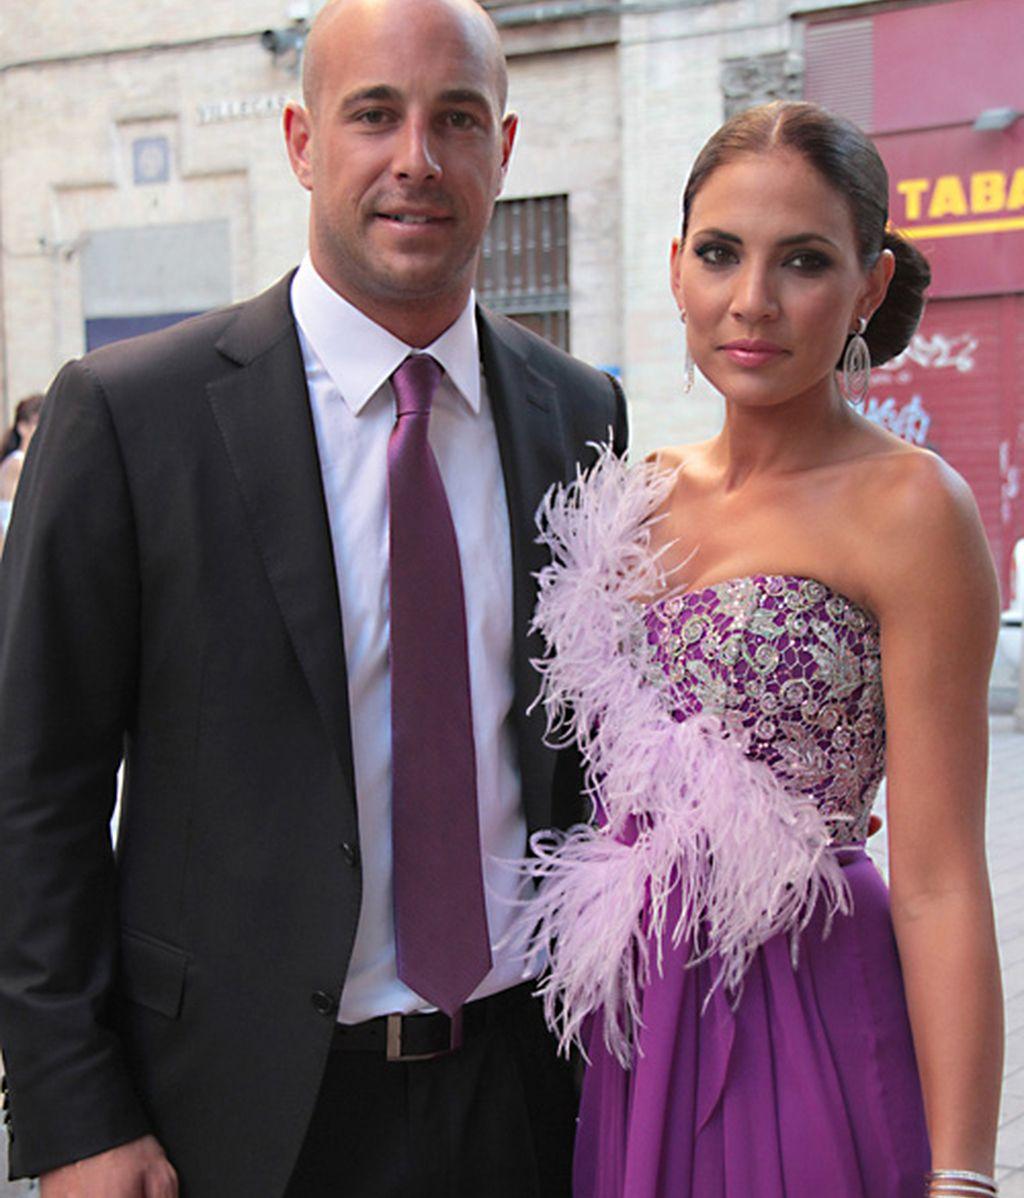 La boda futbolera del fin de semana: la de la hermana de Sergio Ramos